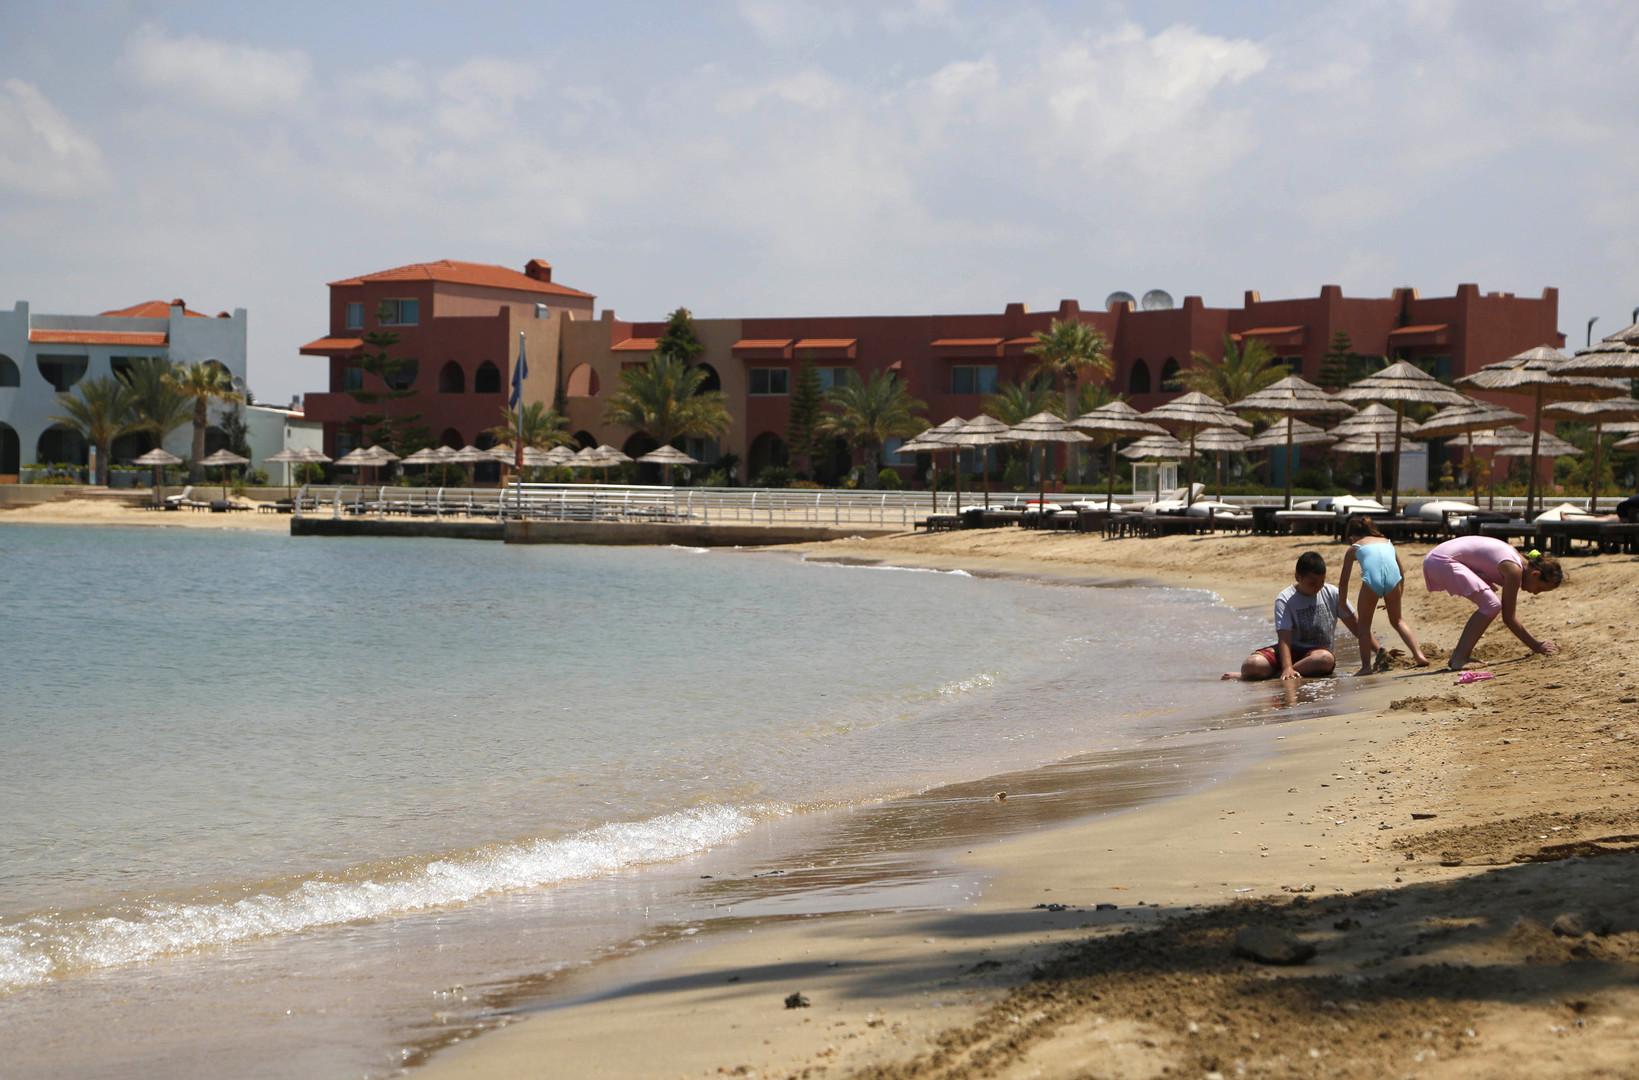 قريبا جدا.. افتتاح فندقين تابعين لمجموعة فرنسية في دمشق